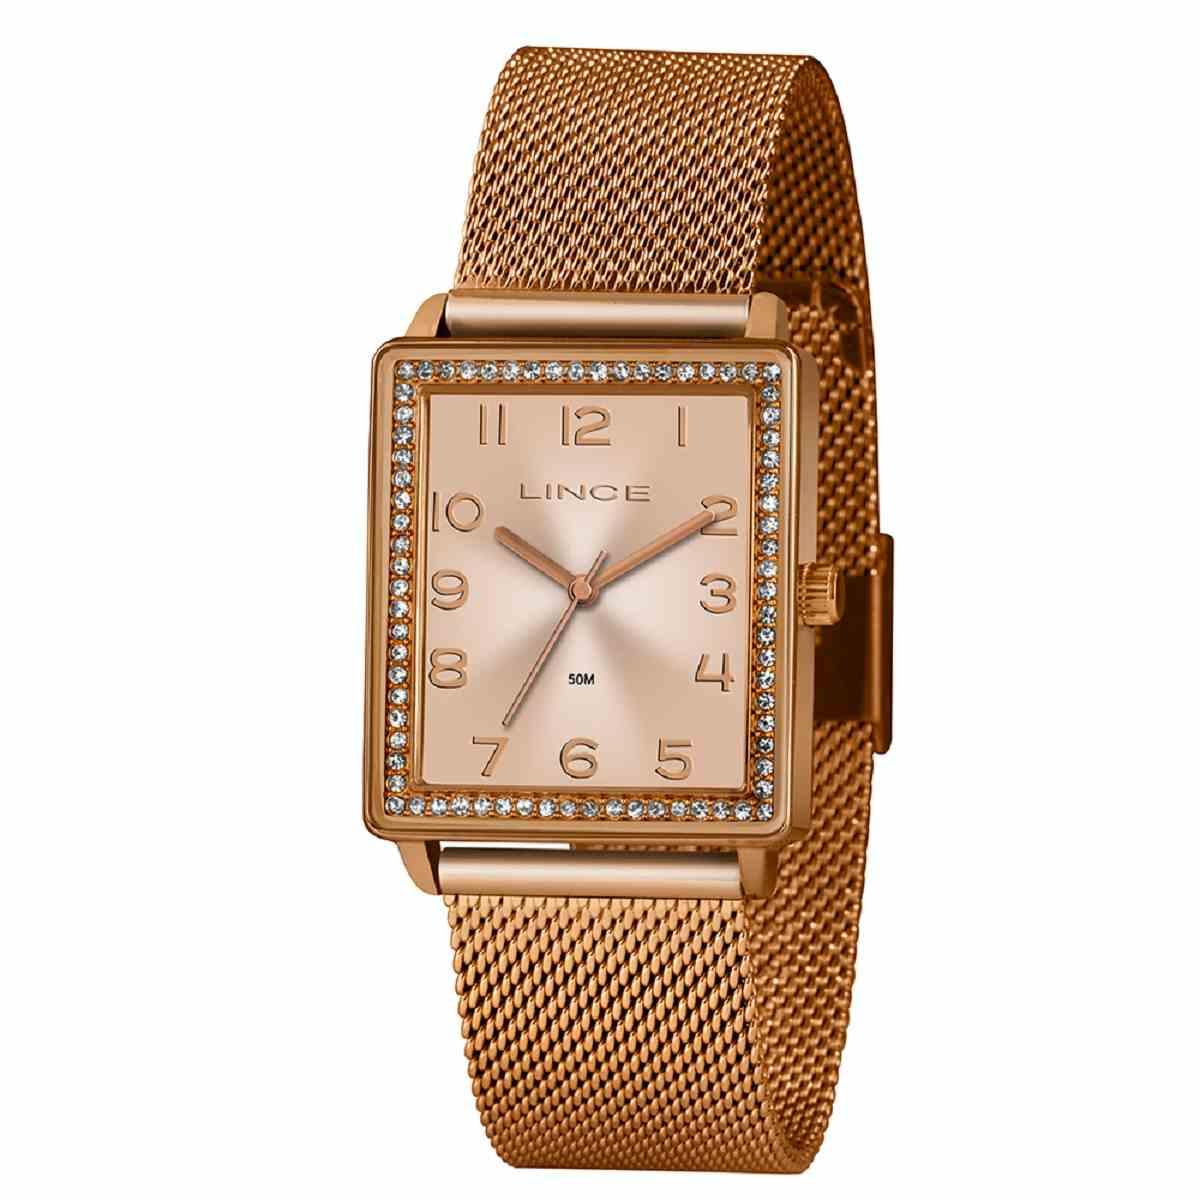 Relógio Feminino Lince Quadrado Rose C/ Strass Pulseira Milanese LQR4665L R2RX